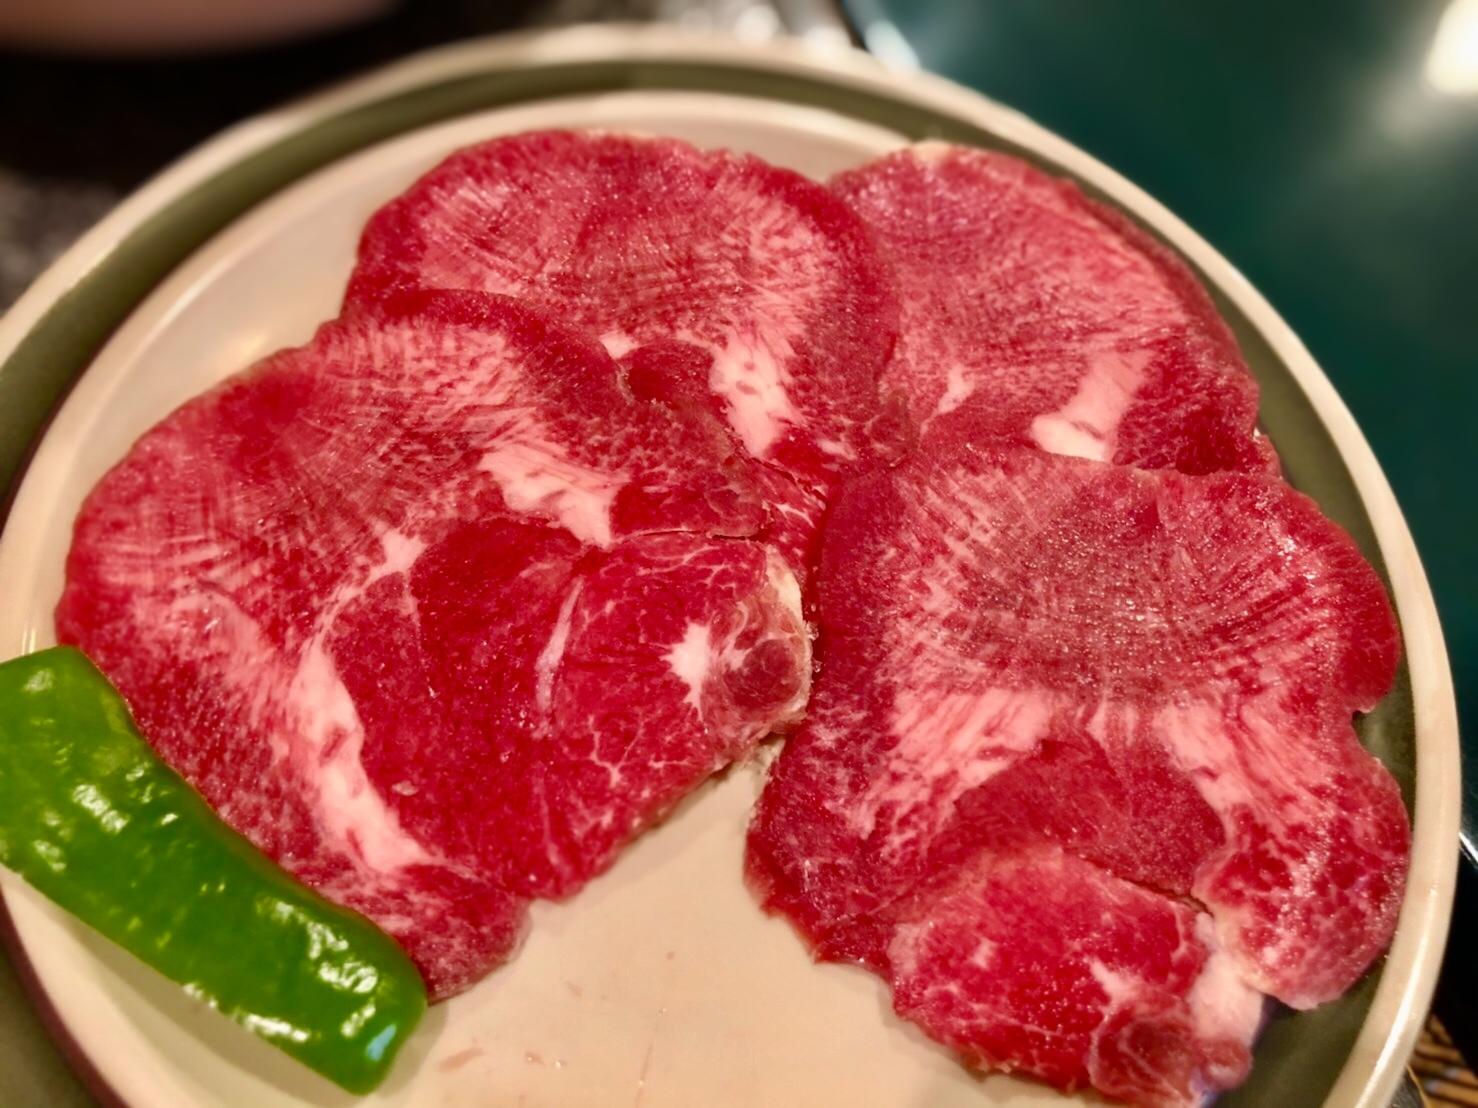 鳴子北|まるで回転寿司!?精肉店が営む鮮度抜群のお肉がいただける焼肉店